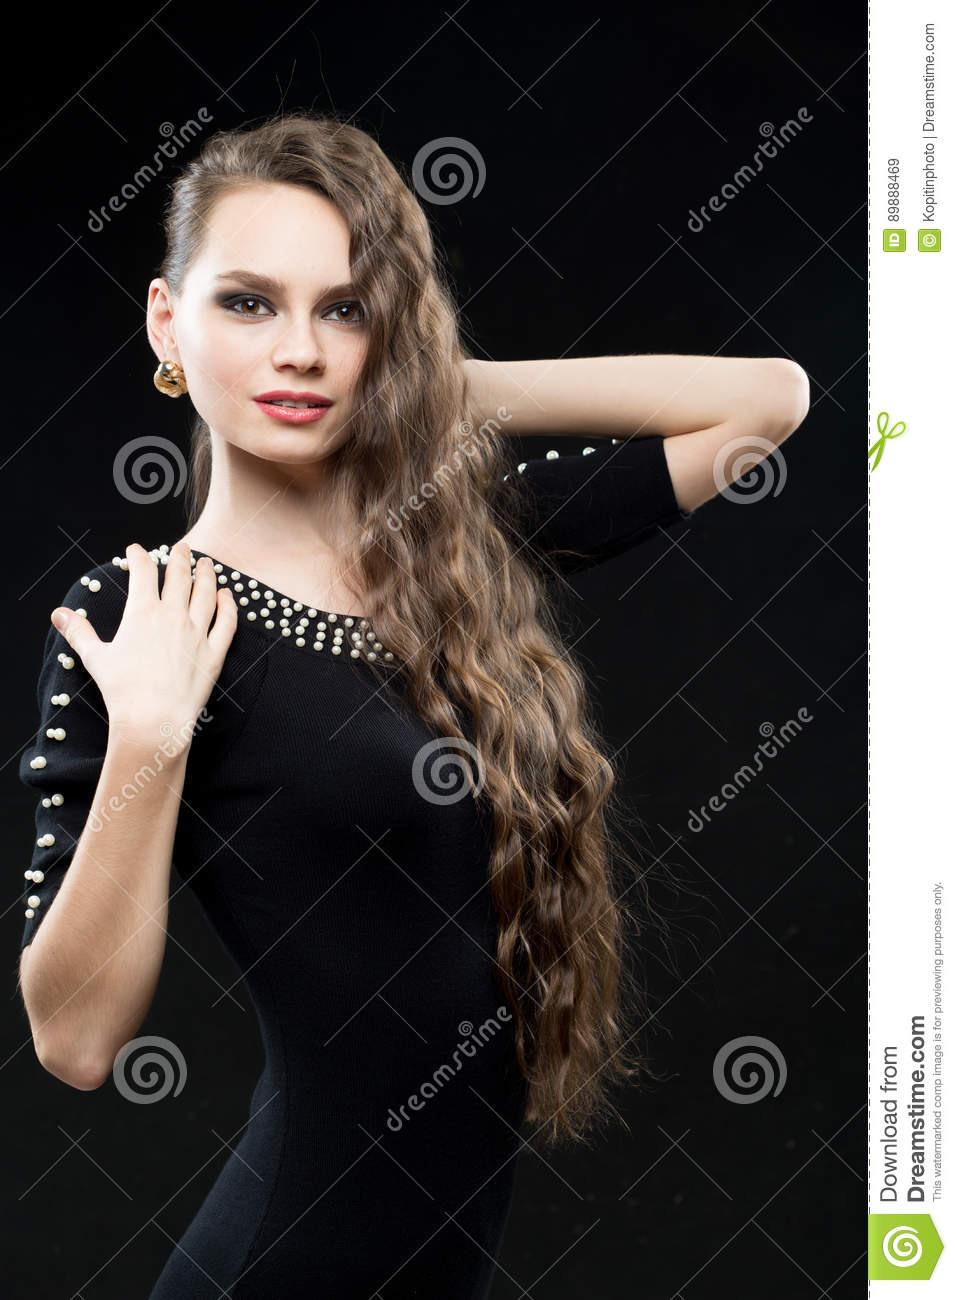 13 Großartig Abend Make Up Schwarzes Kleid Spezialgebiet15 Genial Abend Make Up Schwarzes Kleid Vertrieb